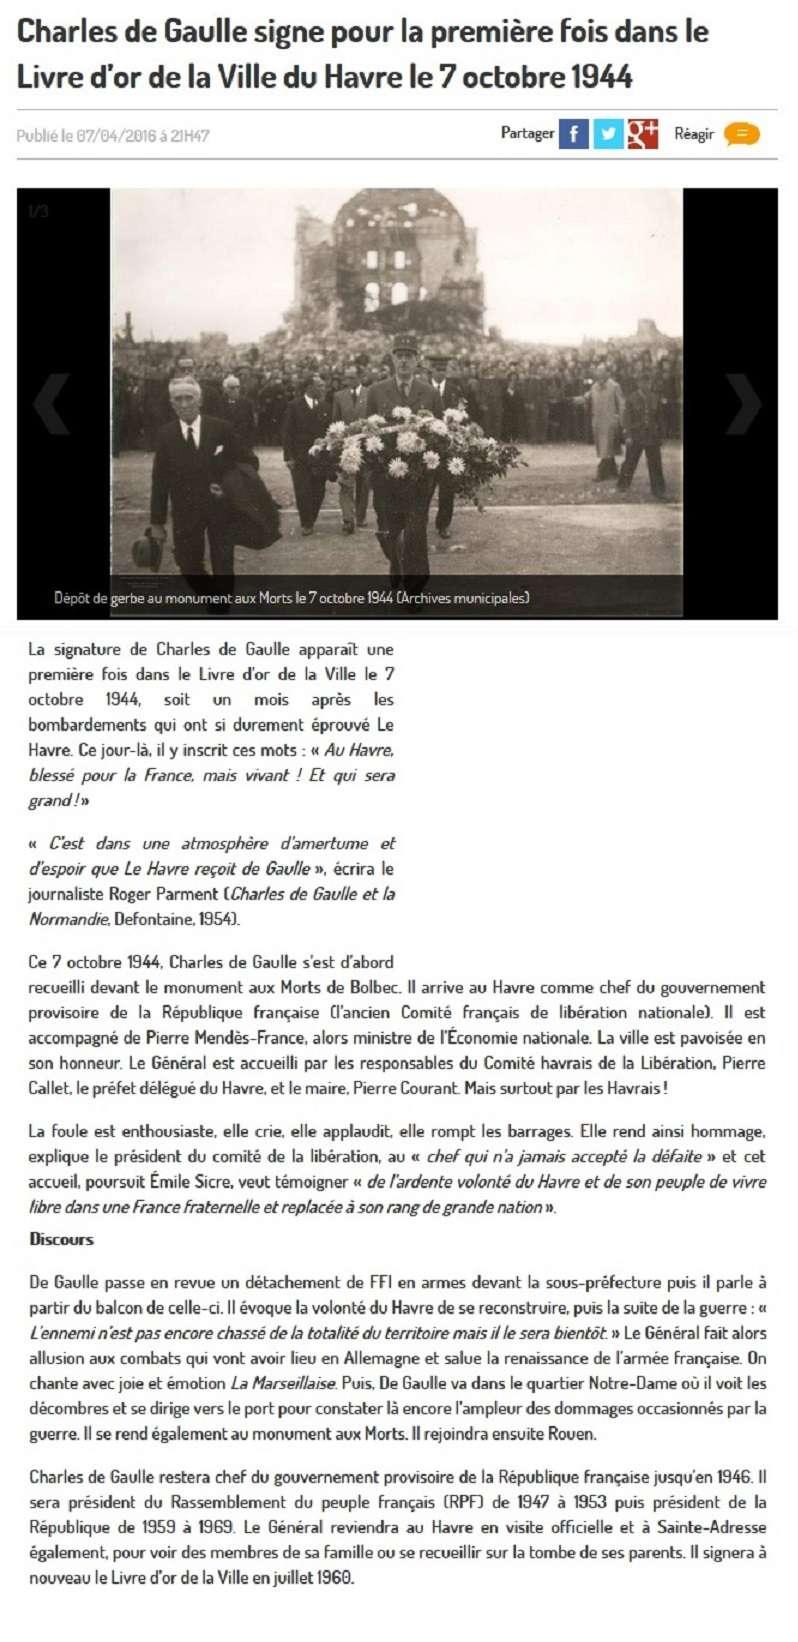 bolbec - Découverte du Livre d'or de la Ville du Havre 2016-041